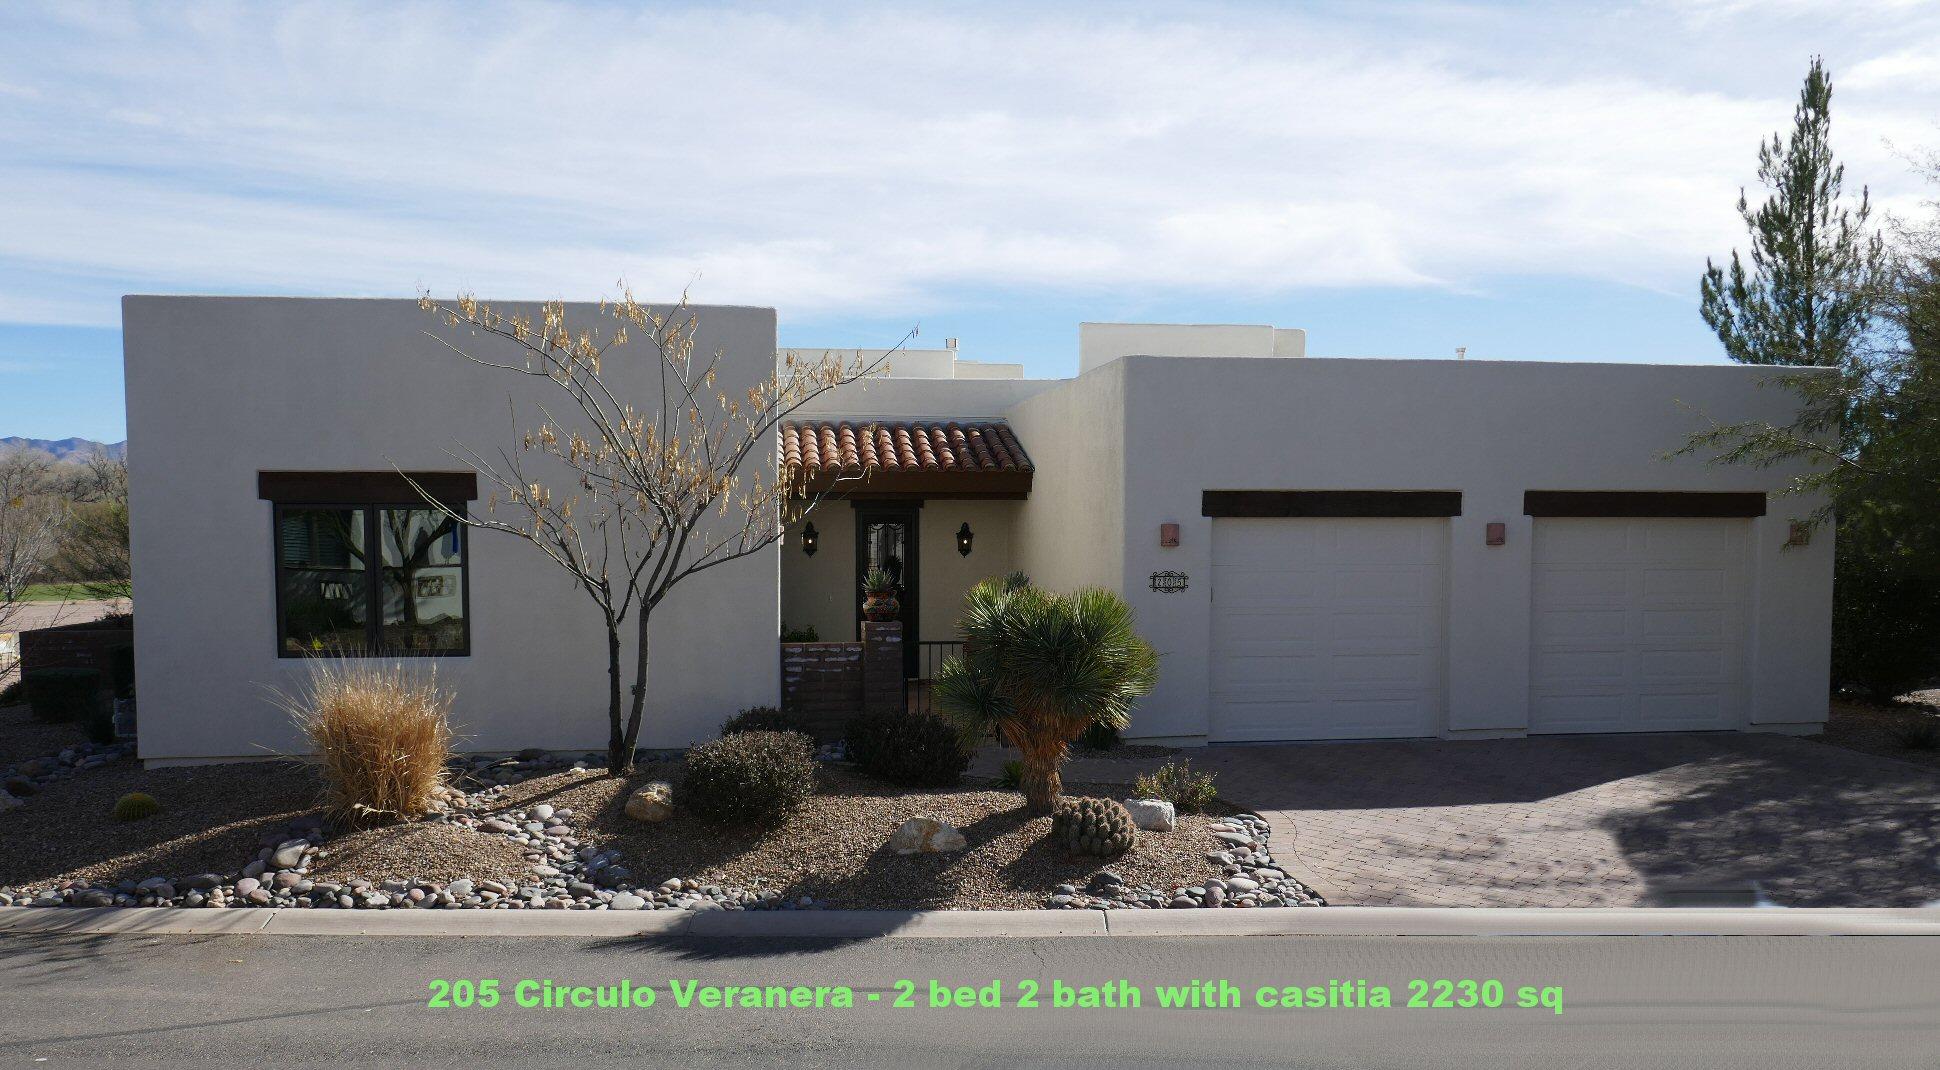 205-circulo-veranera-1